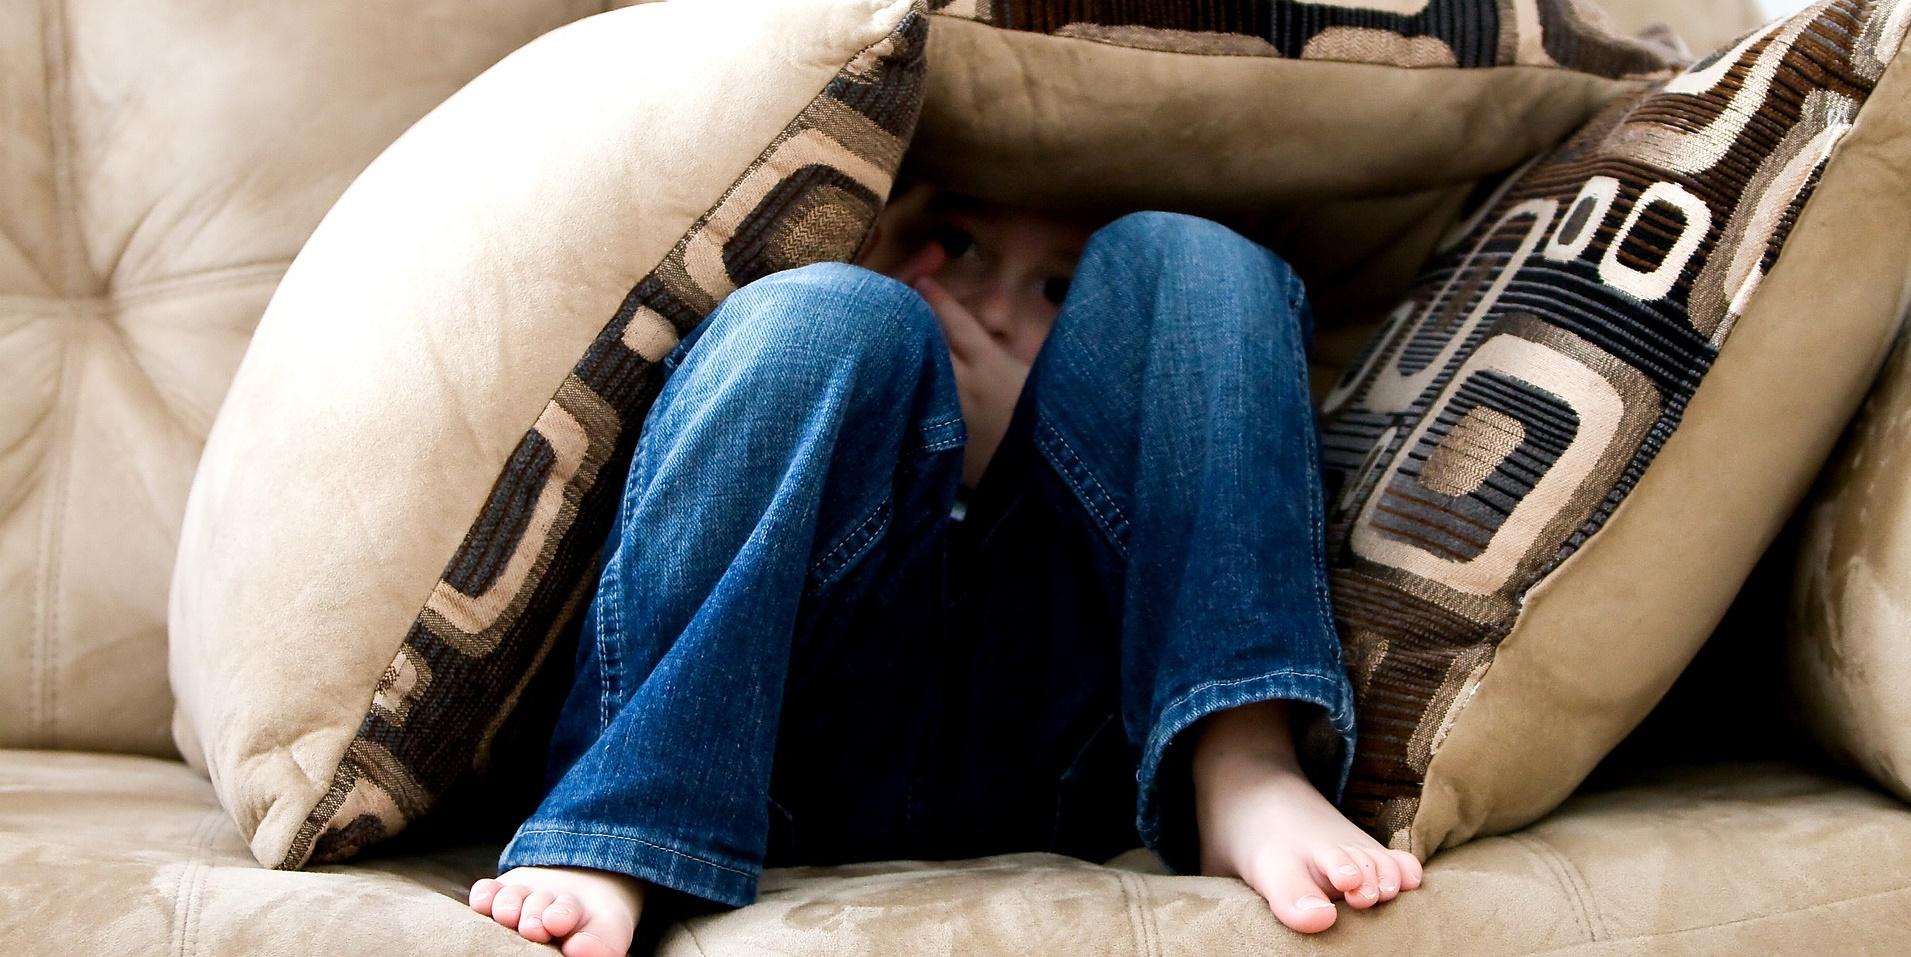 maltraitances dans le doute agir gynger. Black Bedroom Furniture Sets. Home Design Ideas